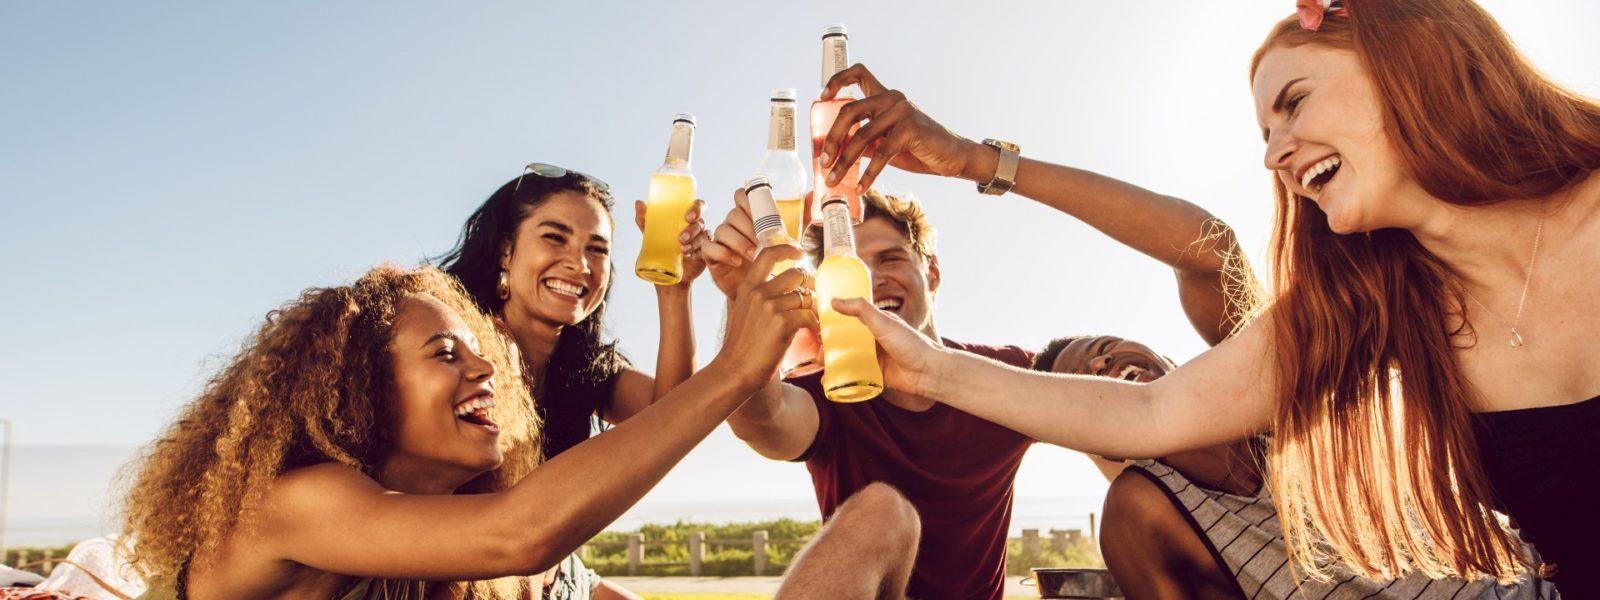 Jak rozsądnie pić alkohol w upalne dni